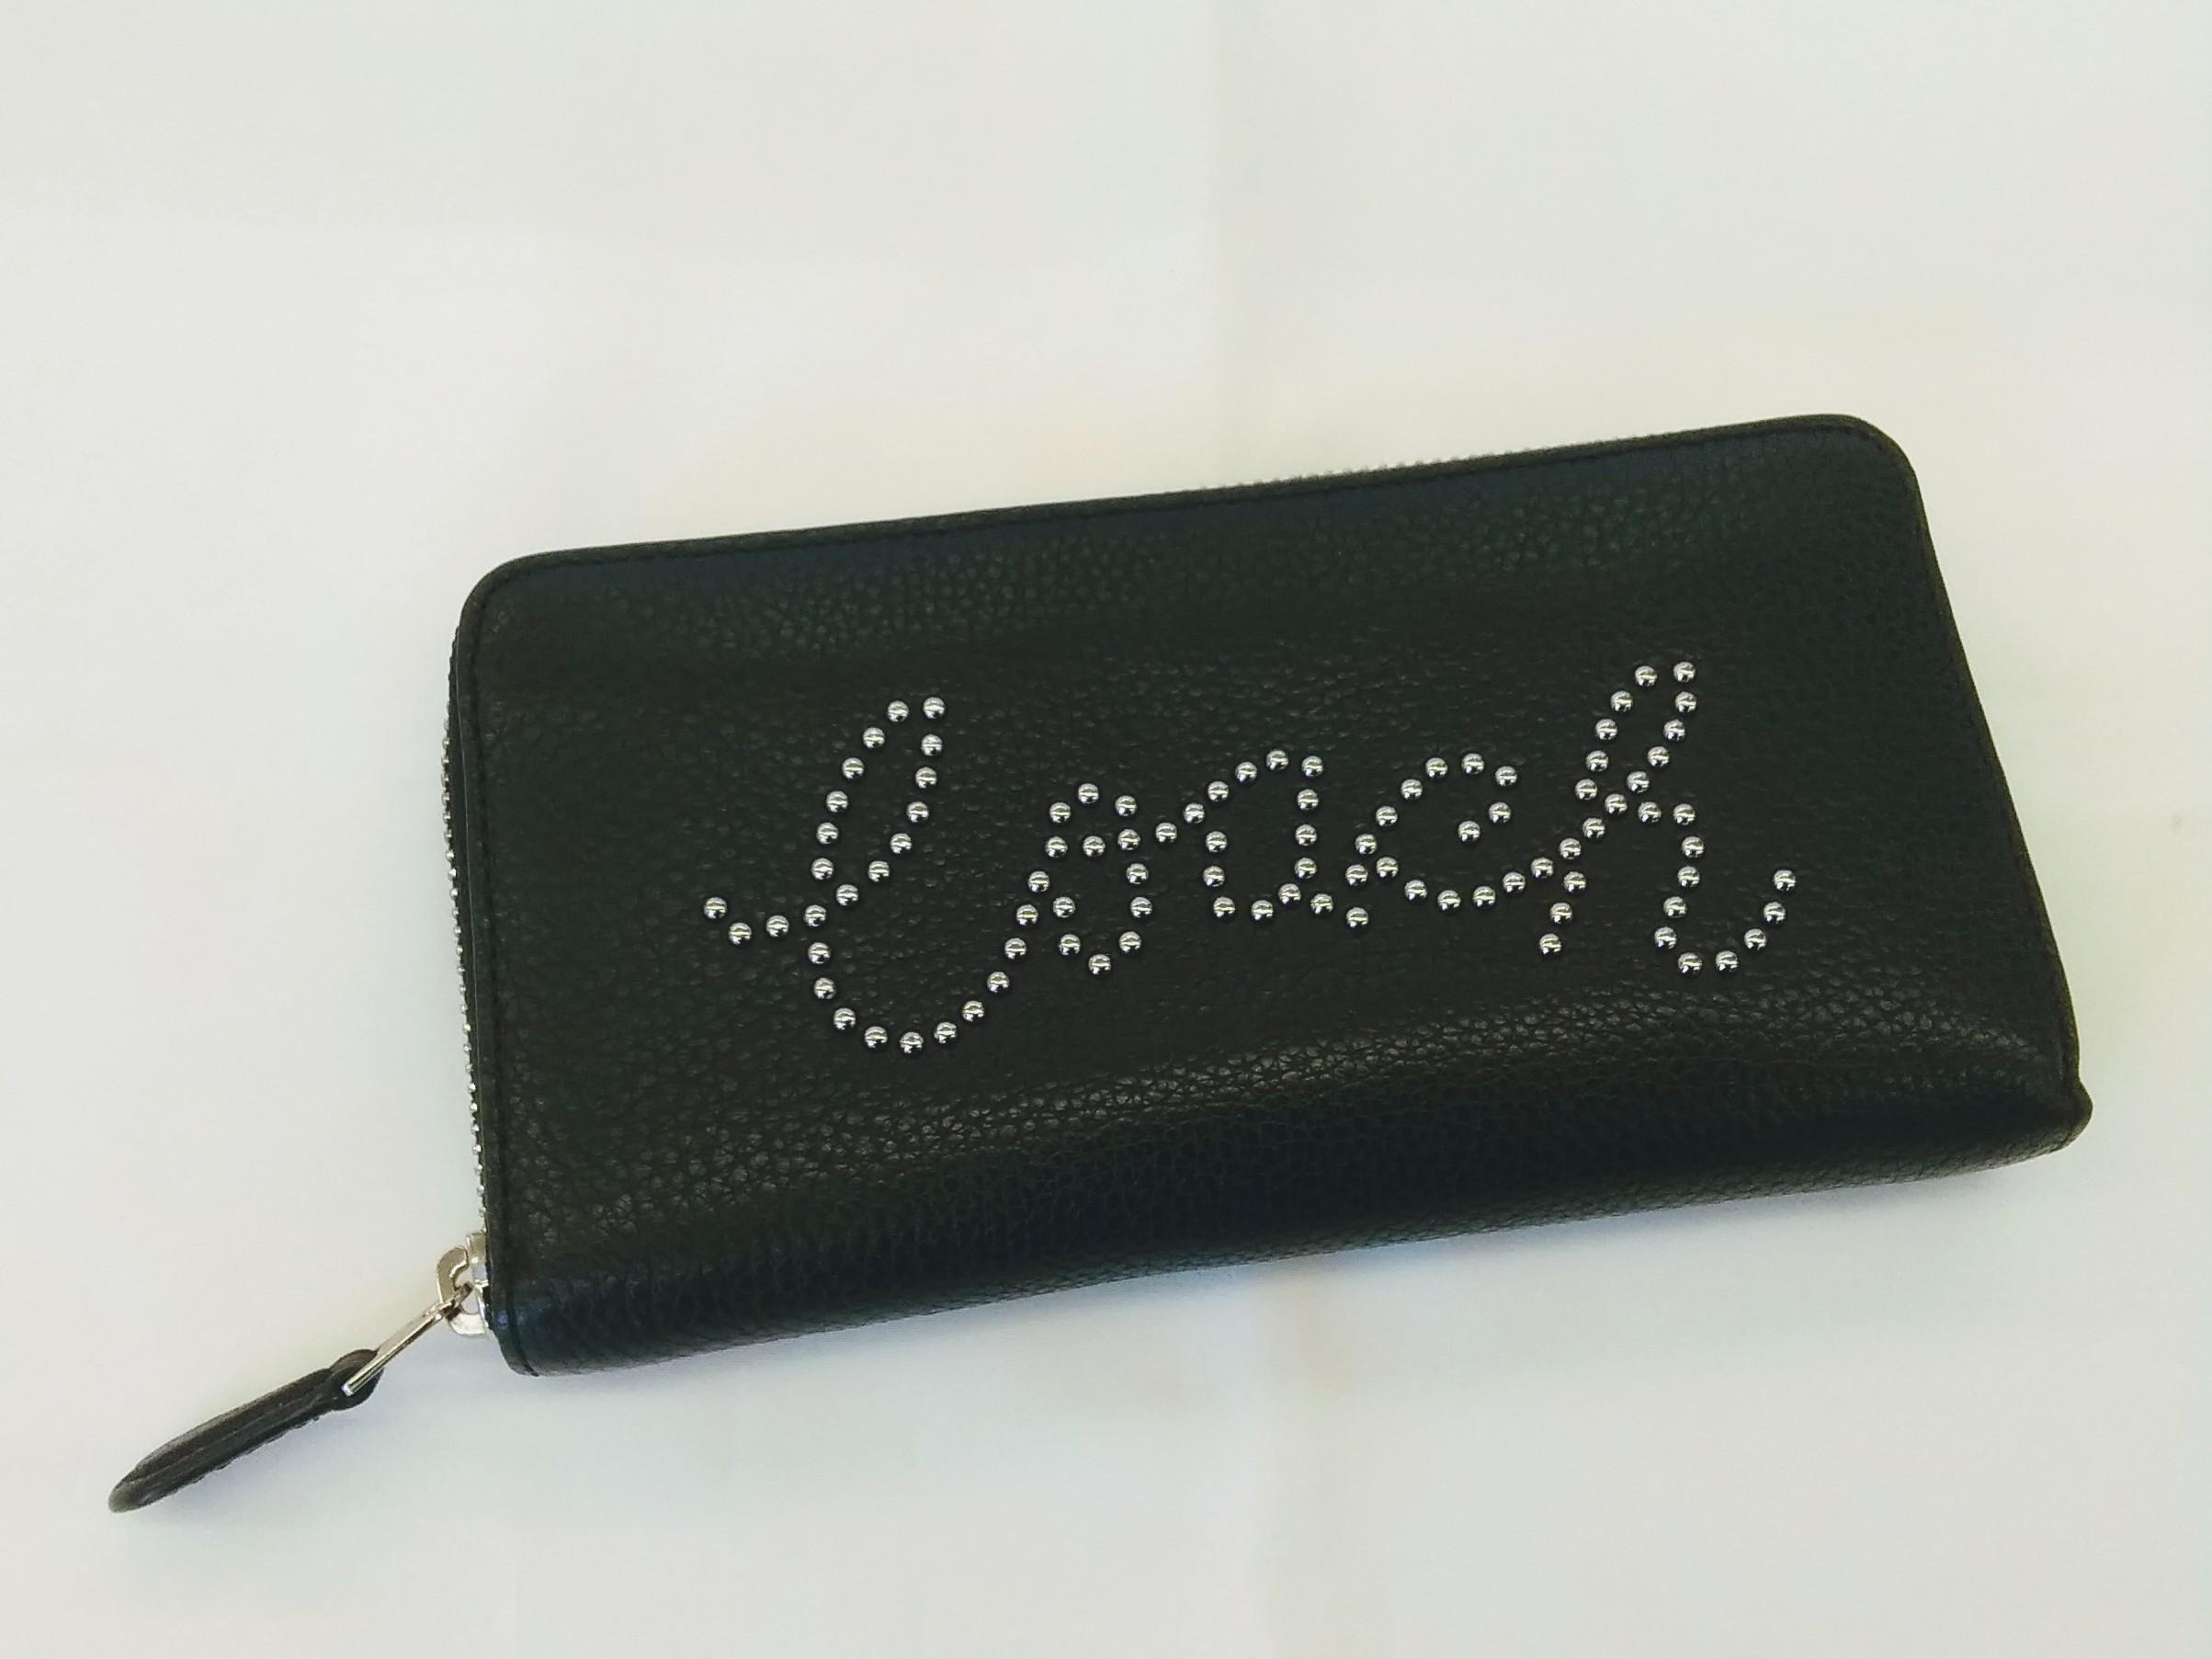 ラウンドジップ財布【ブラック】|COACH【コーチ】【美品】【箱なし】